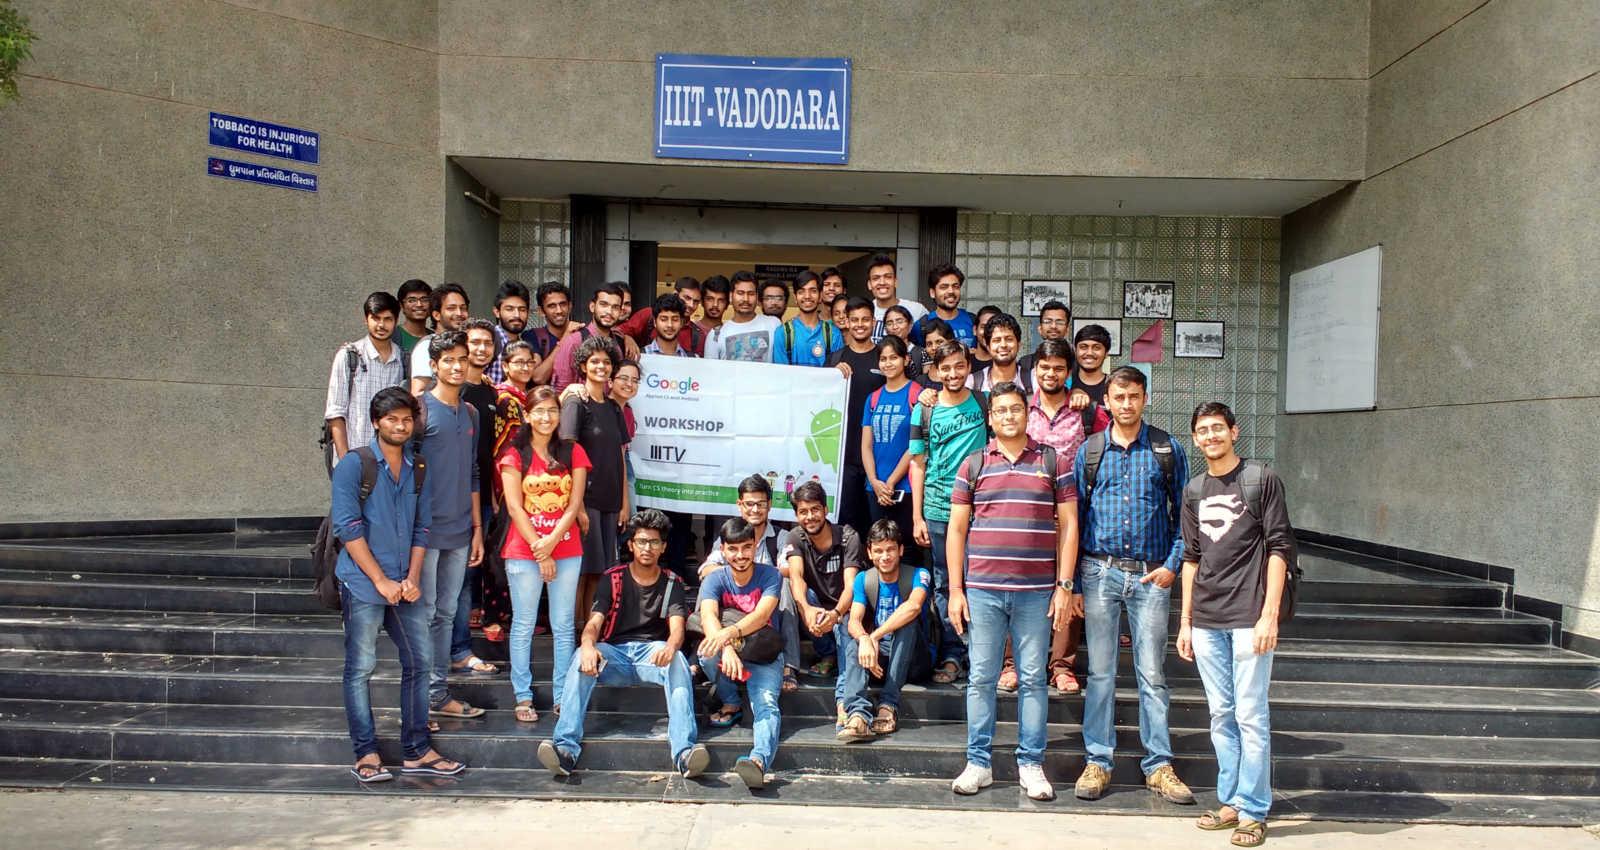 IIIT (Indian Institute of Information Technology), Vadodara Image